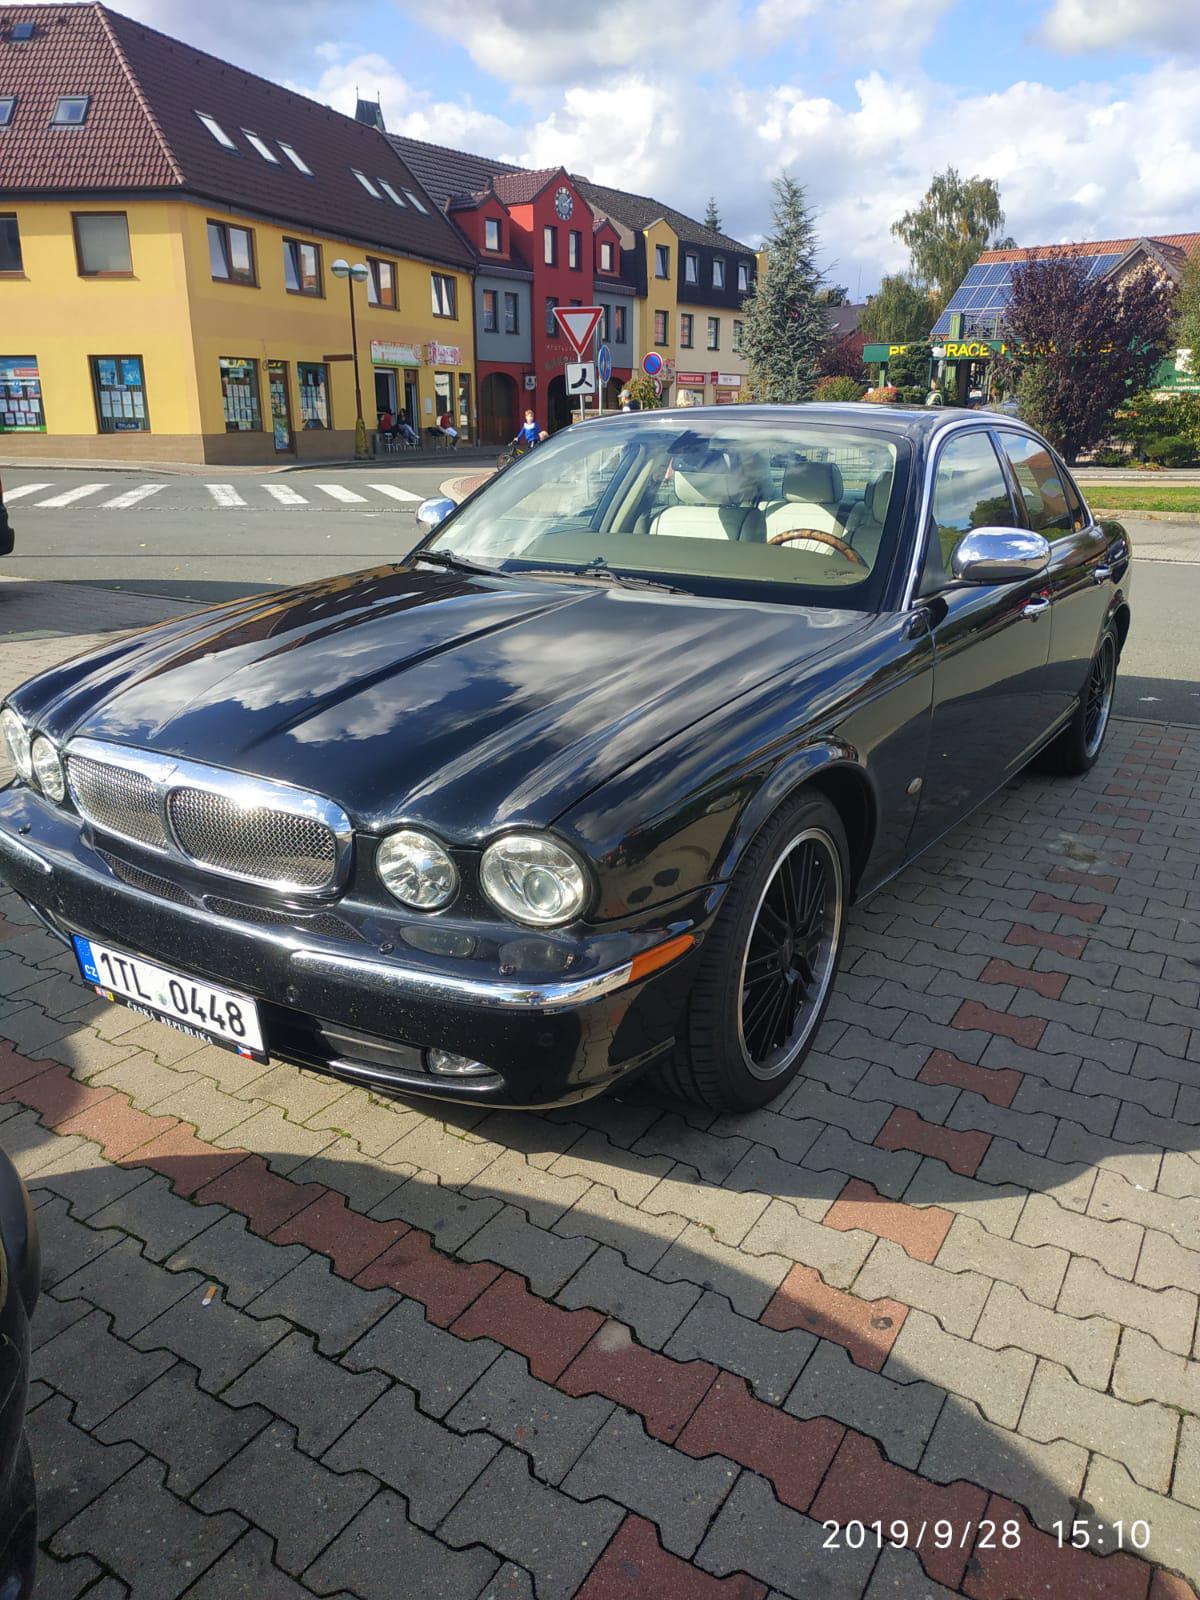 2007 Jaguar XJ-X350 XJ8 4.2 (256 cui) gasoline 218.9 kW